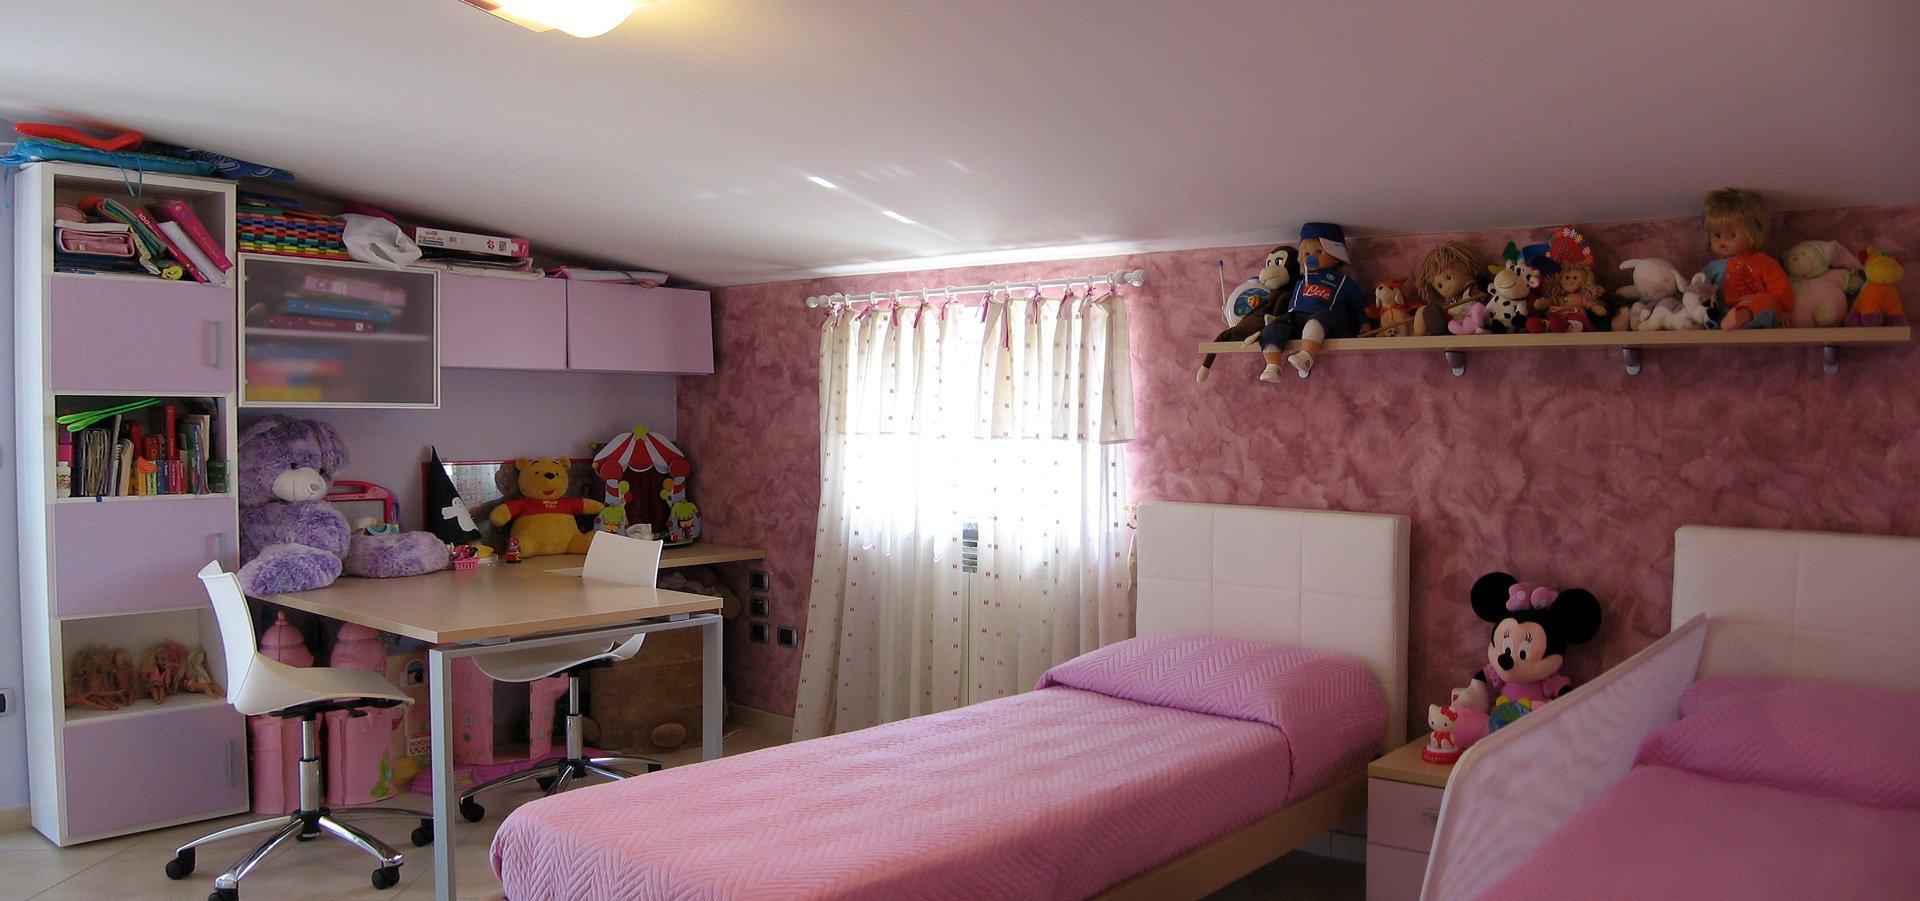 Progetto di arredo di una cameretta per bambini poggiomarino na aiplan architettura e - Pittura per cameretta ...